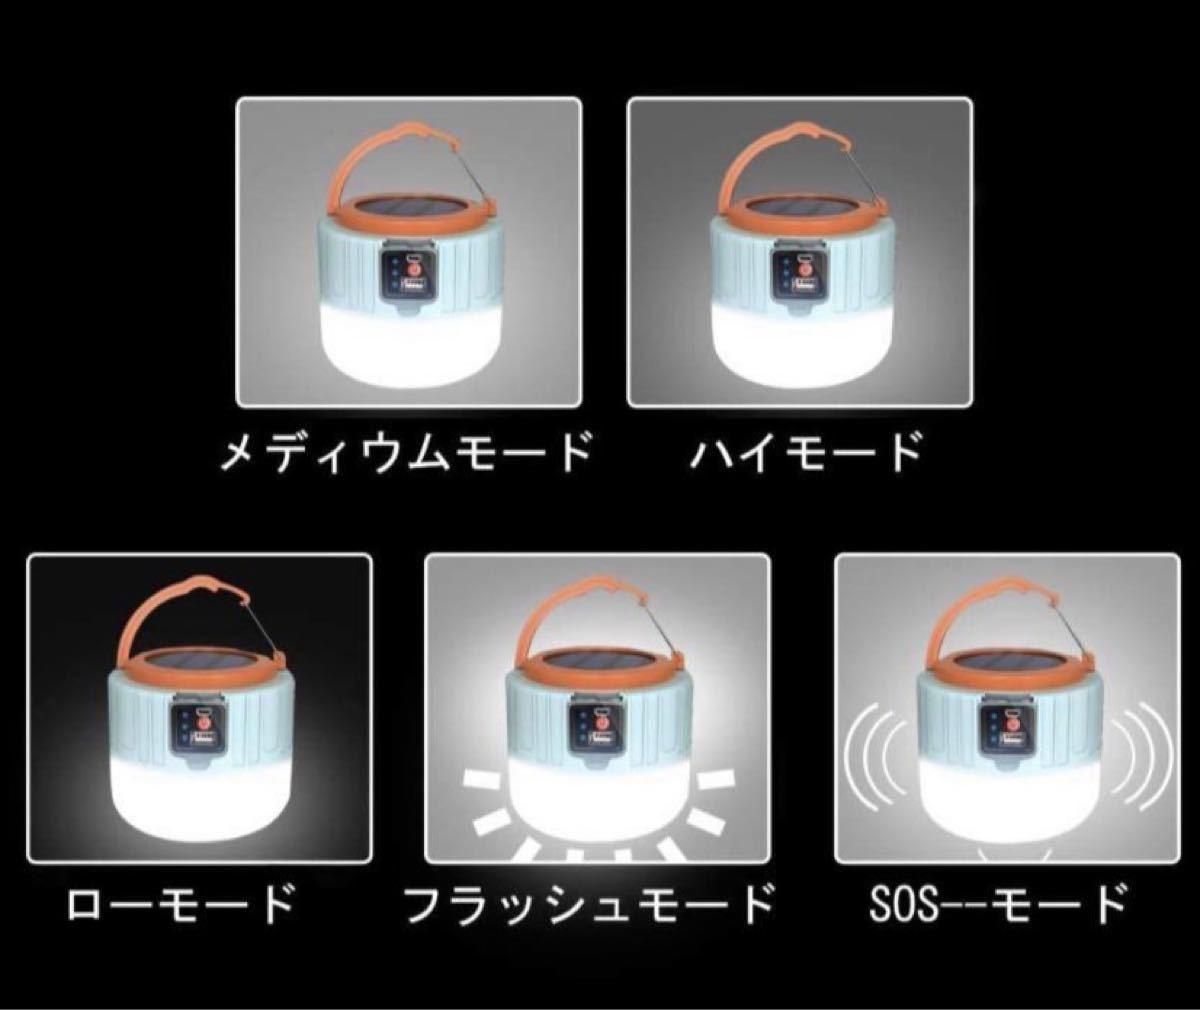 LEDランタン キャンプランタン 3色切替 ソーラーランタン usb充電可 リモコン 小型 防水仕様 吊り下げフック付き